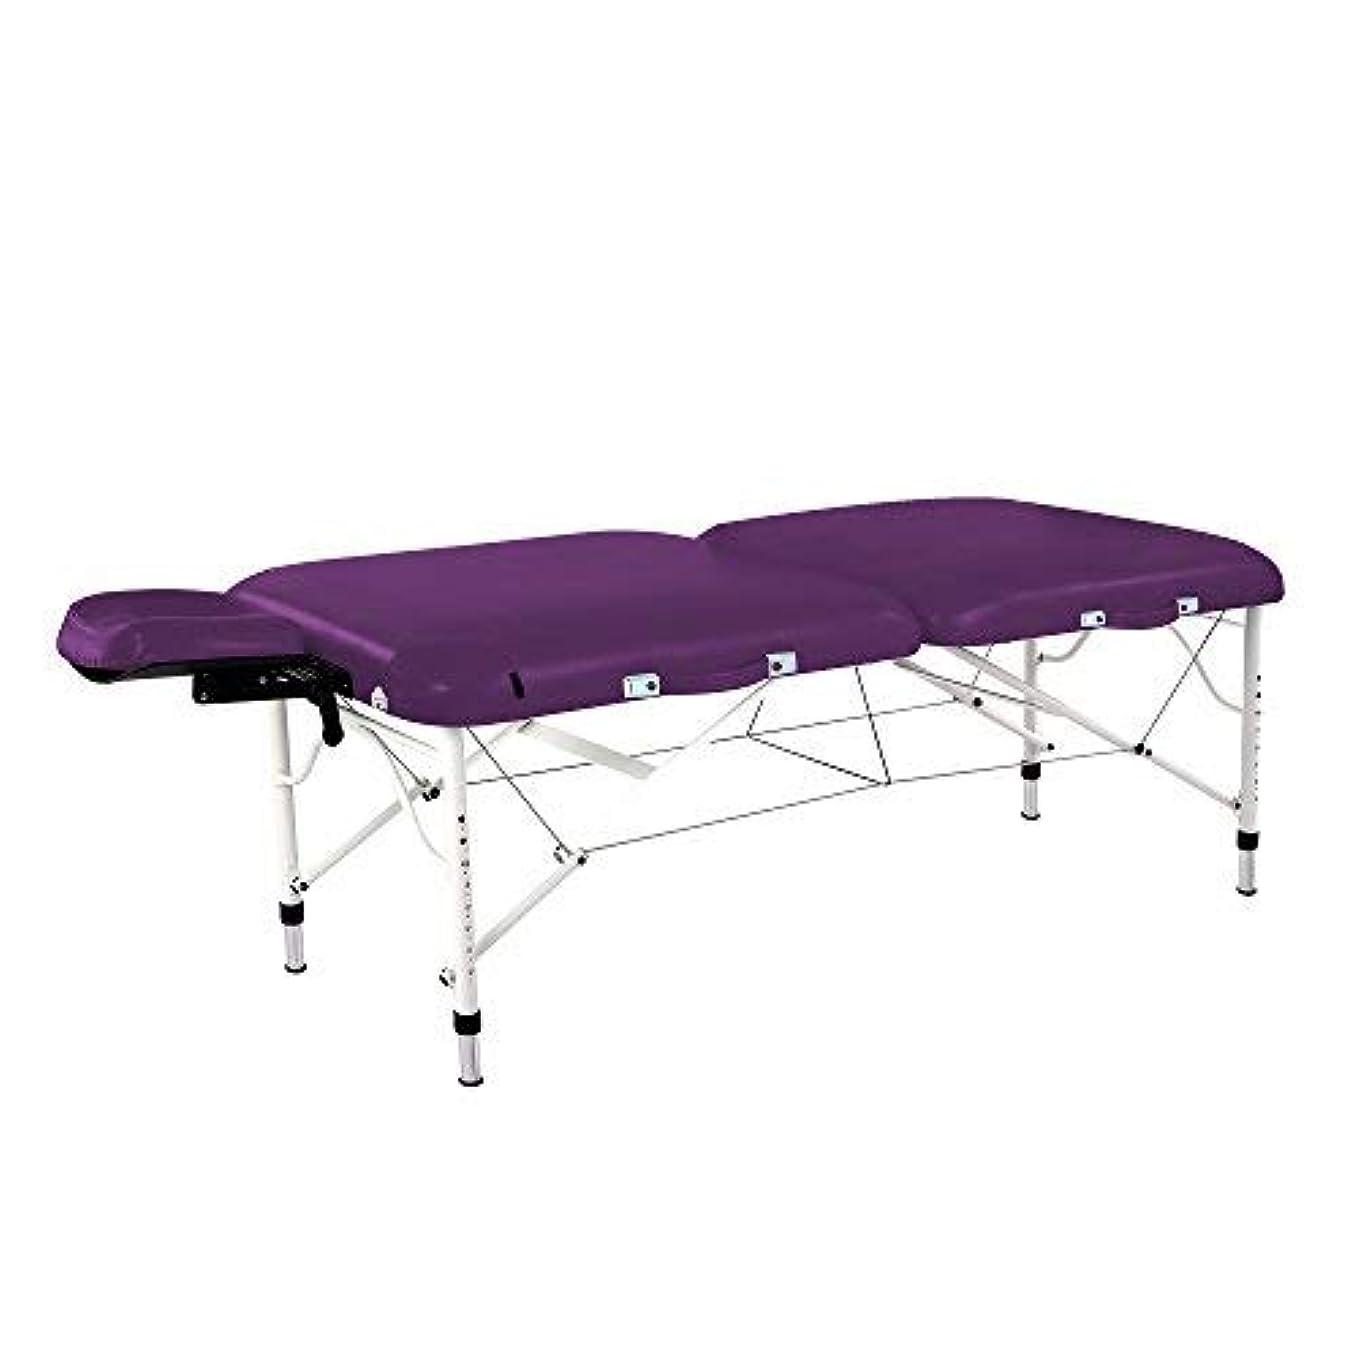 キャベツなめるこんにちはMaster Massage Calypso Ultra-Light LX Massage Table Package Violet 30 Inch [並行輸入品]